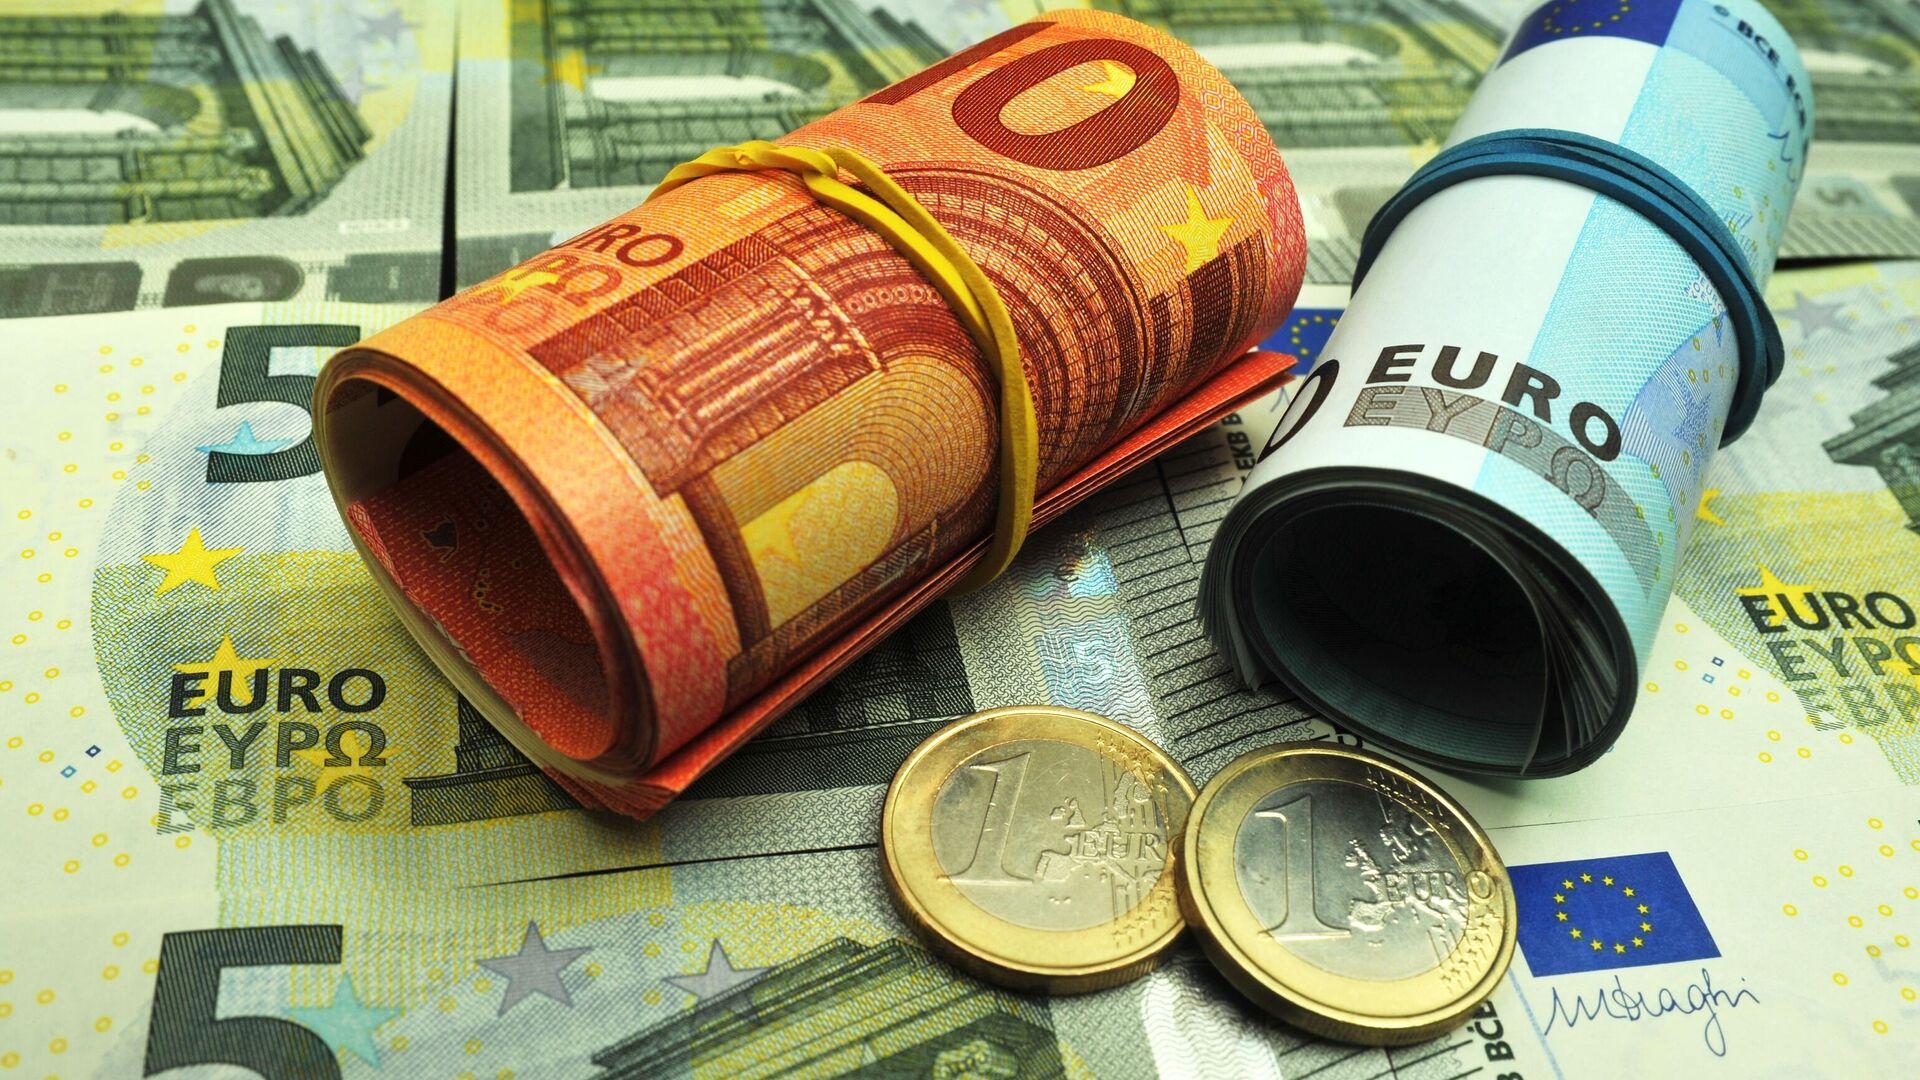 Банкноты и монеты евро различного достоинства - РИА Новости, 1920, 15.09.2021